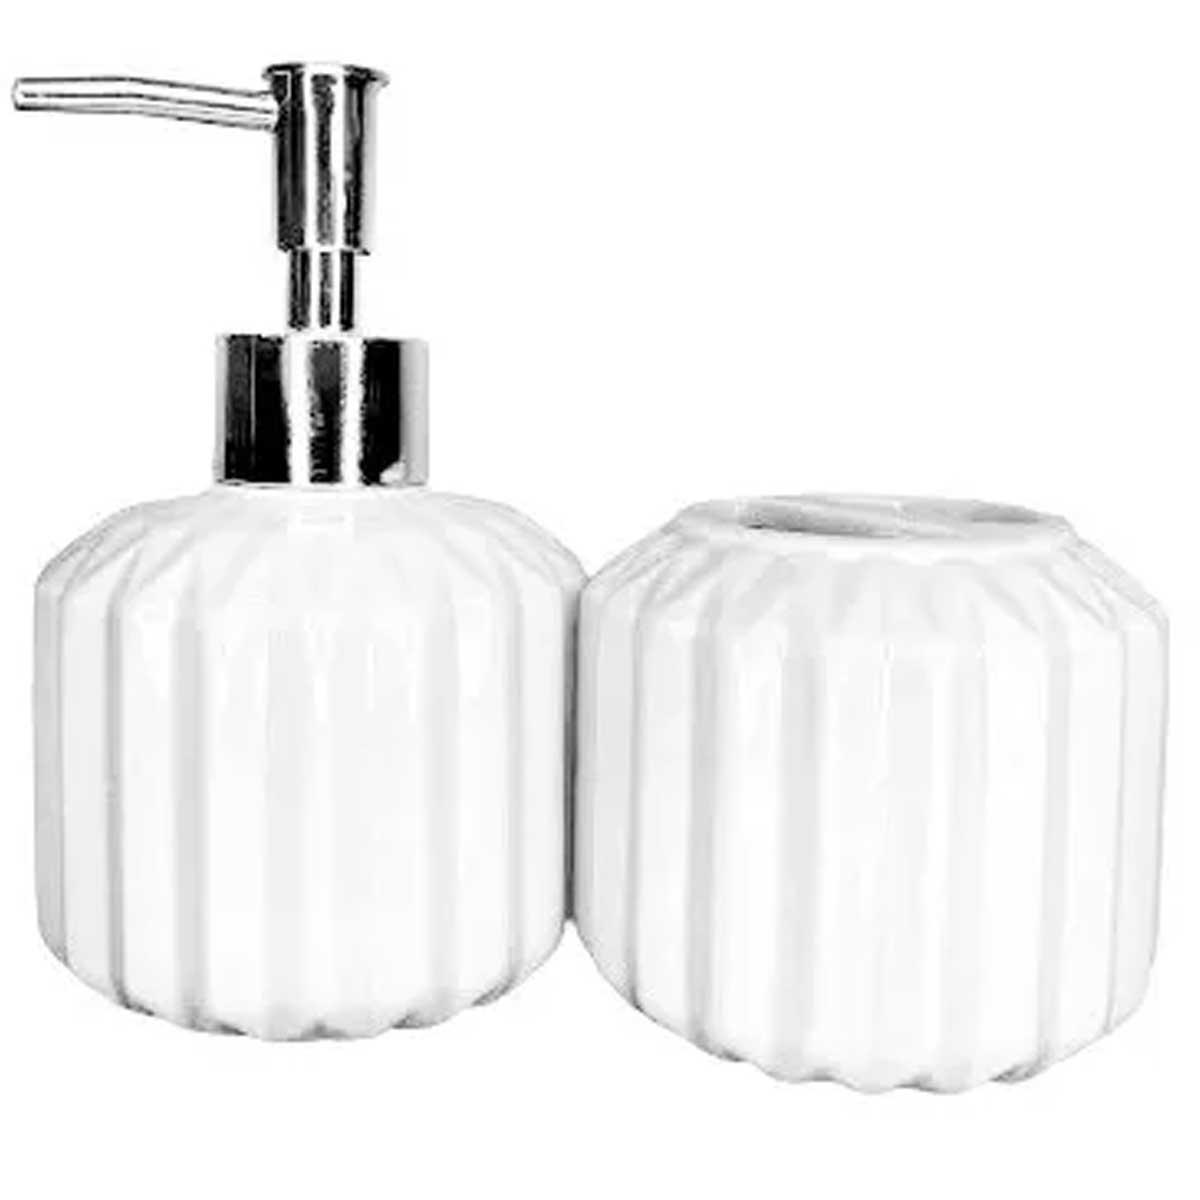 Kit para banheiro em cerâmica redondo bojudo 2 peças Branco